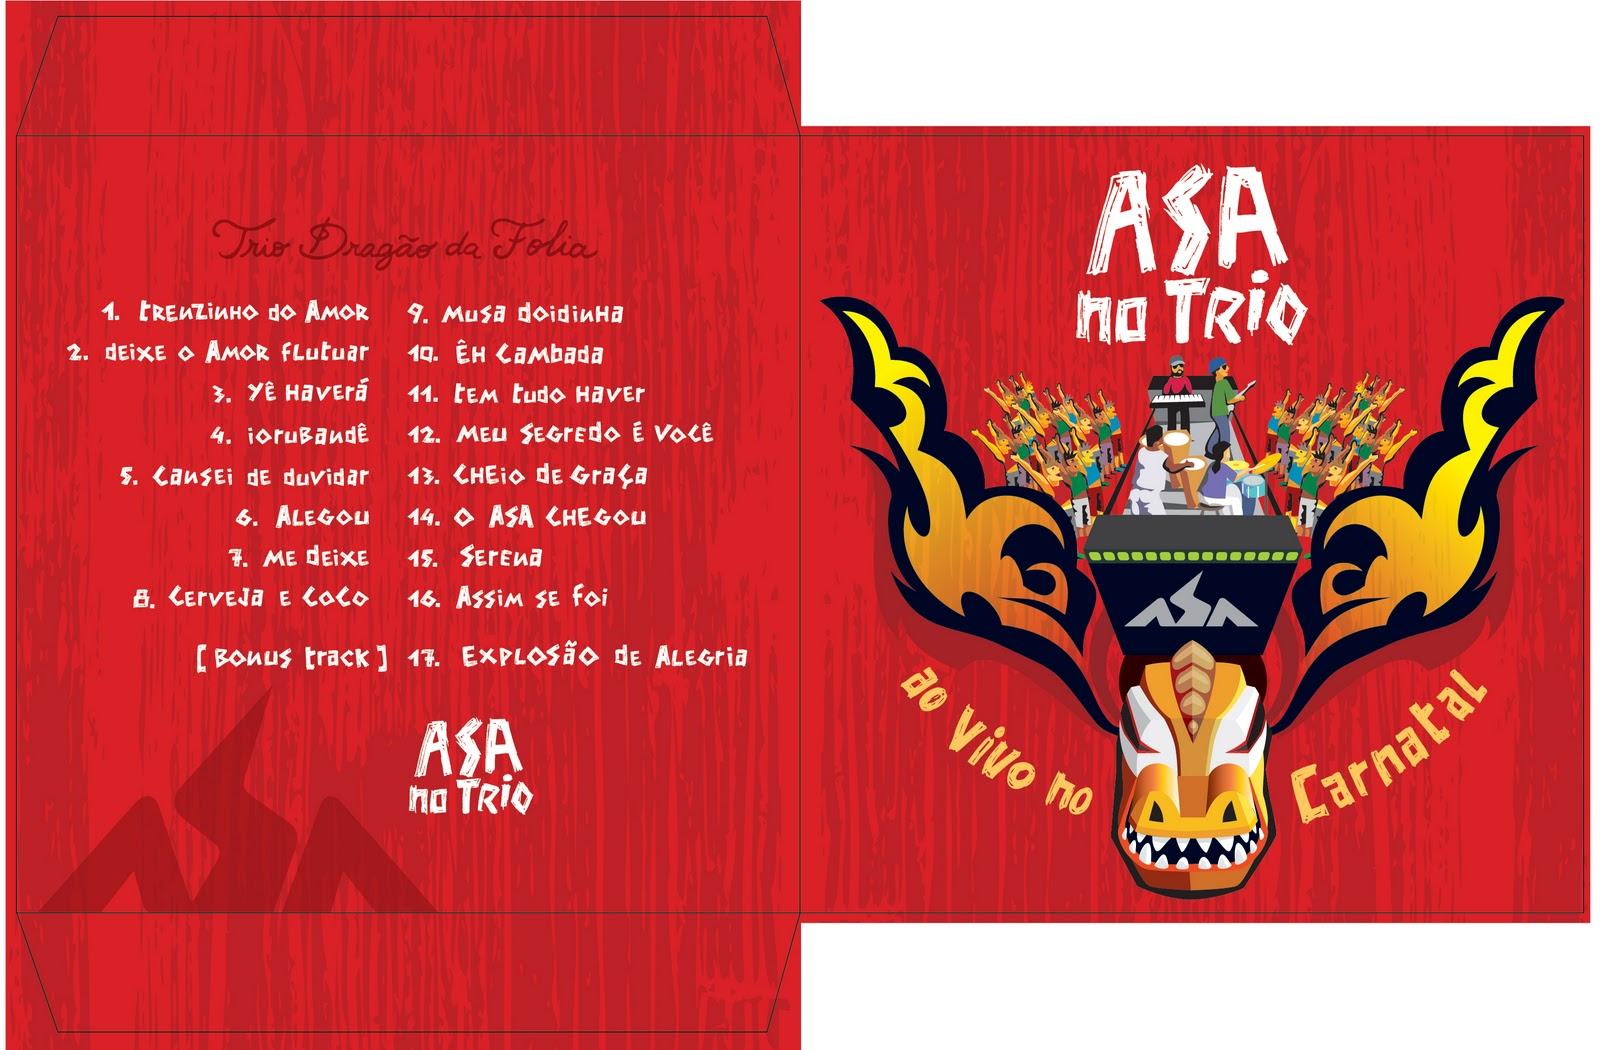 Galera segue o link pra baixar o CD do ASA no trio Carnatal 2011!!! A gente  já pode dormir  fala aí 4865ec413c102